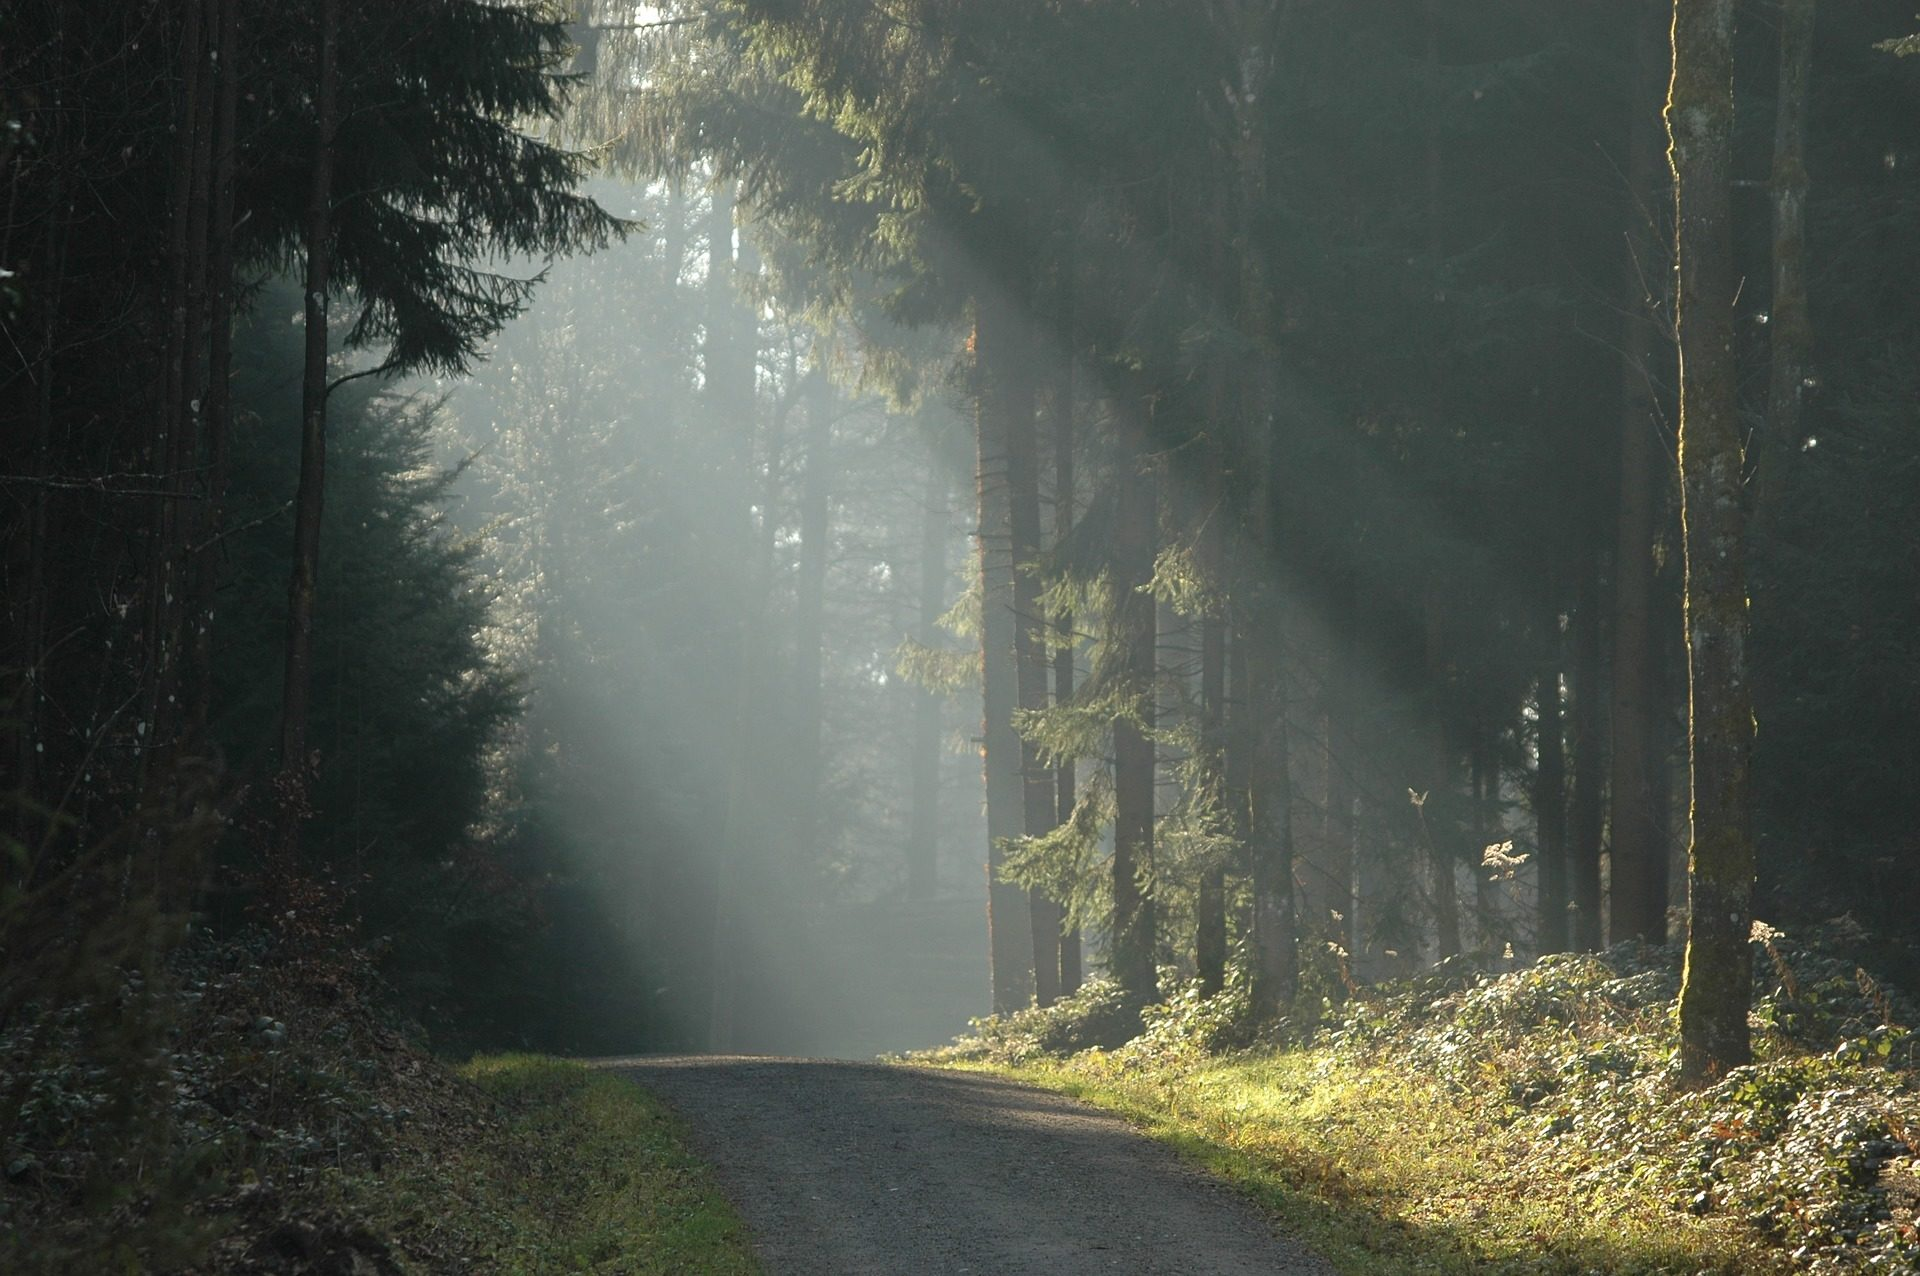 лес, Дорога, деревья, Конечно, свет, лучи - Обои HD - Профессор falken.com